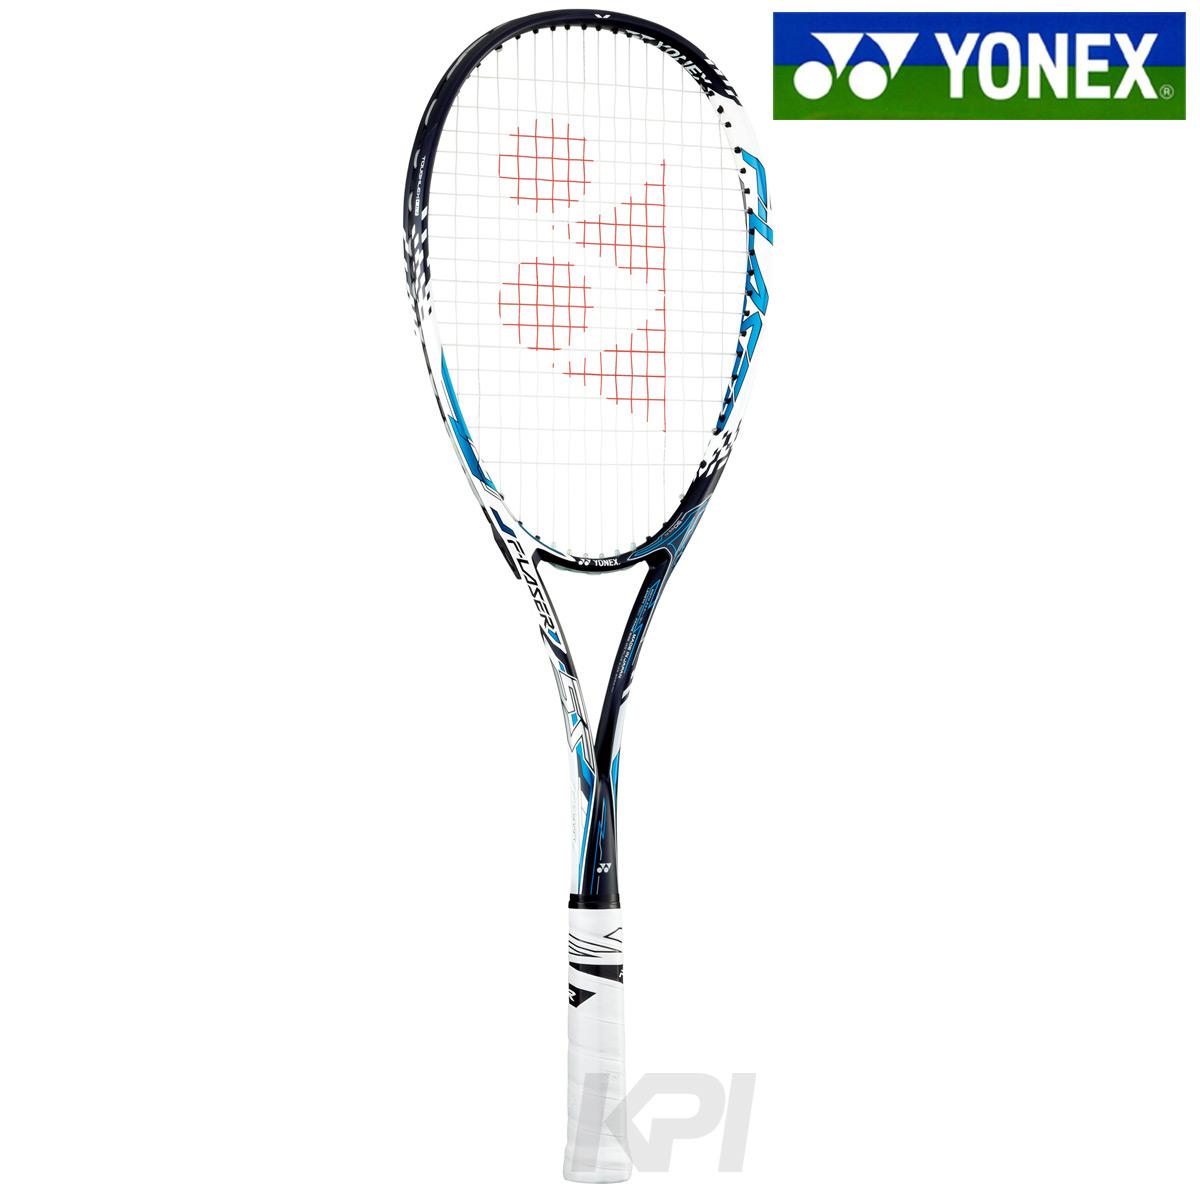 世界有名な 「2017新製品」YONEX(ヨネックス)「F-LASER 5S(エフレーザー5S)FLR5S」ソフトテニスラケット, テニス上達グッズ専門店 テニサポ:d5618e36 --- ullstroms.se